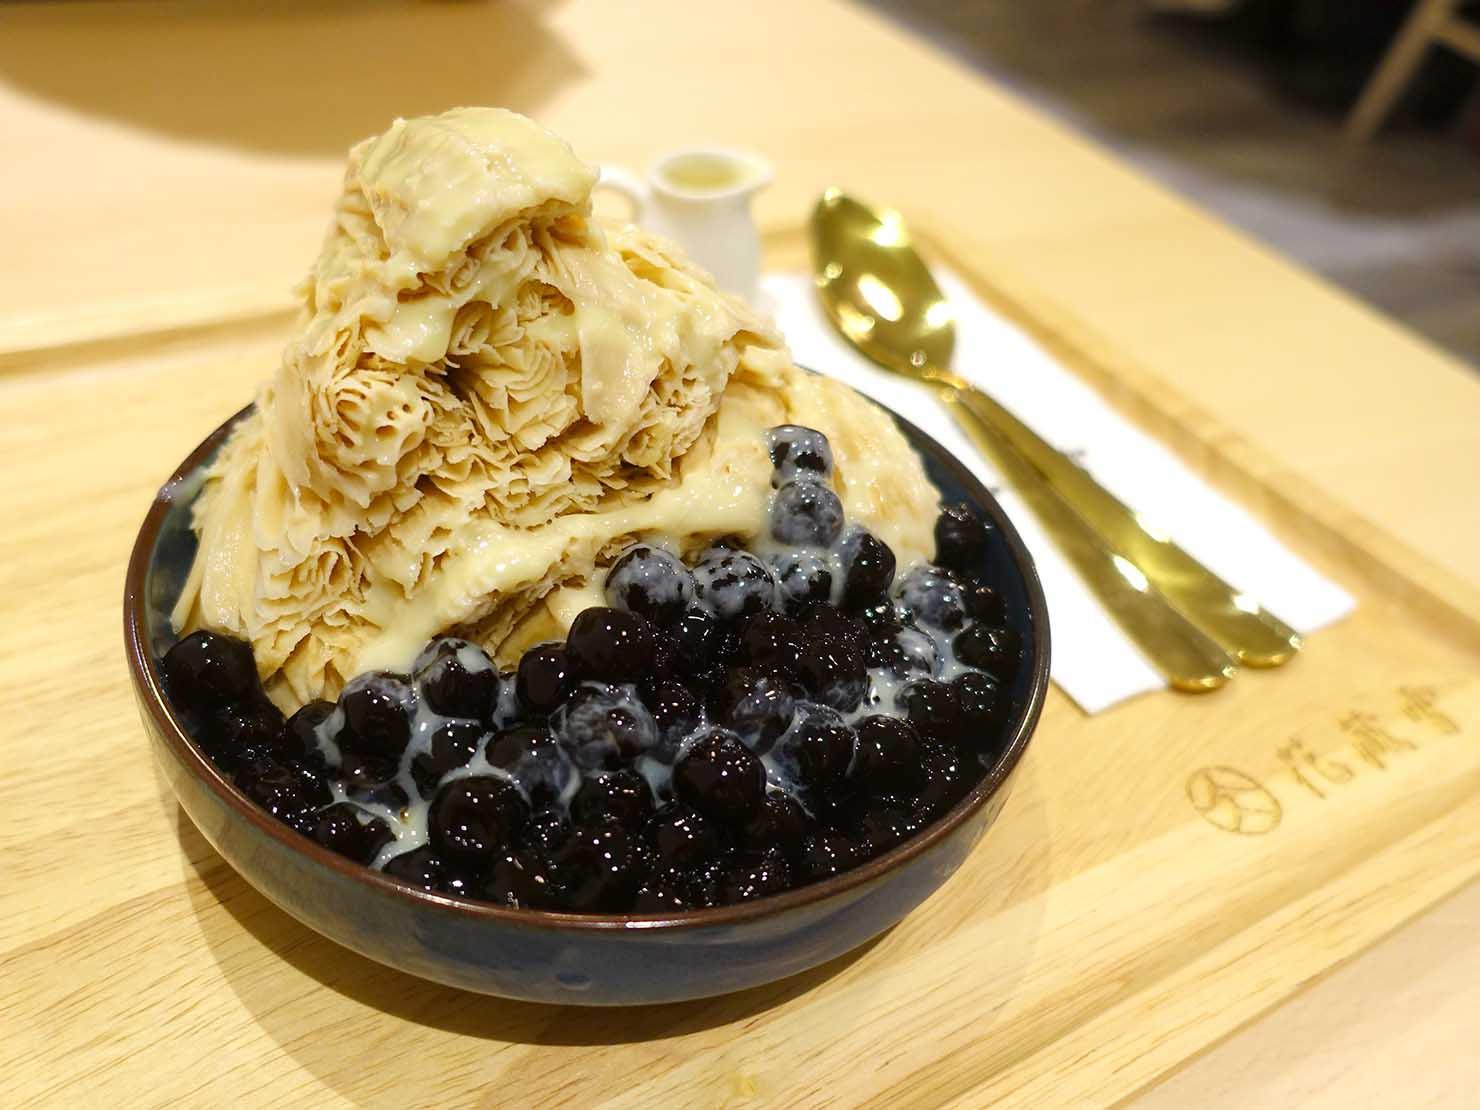 台北・士林夜市のおすすめグルメ店「花藏雪」のタピオカミルクティーかき氷